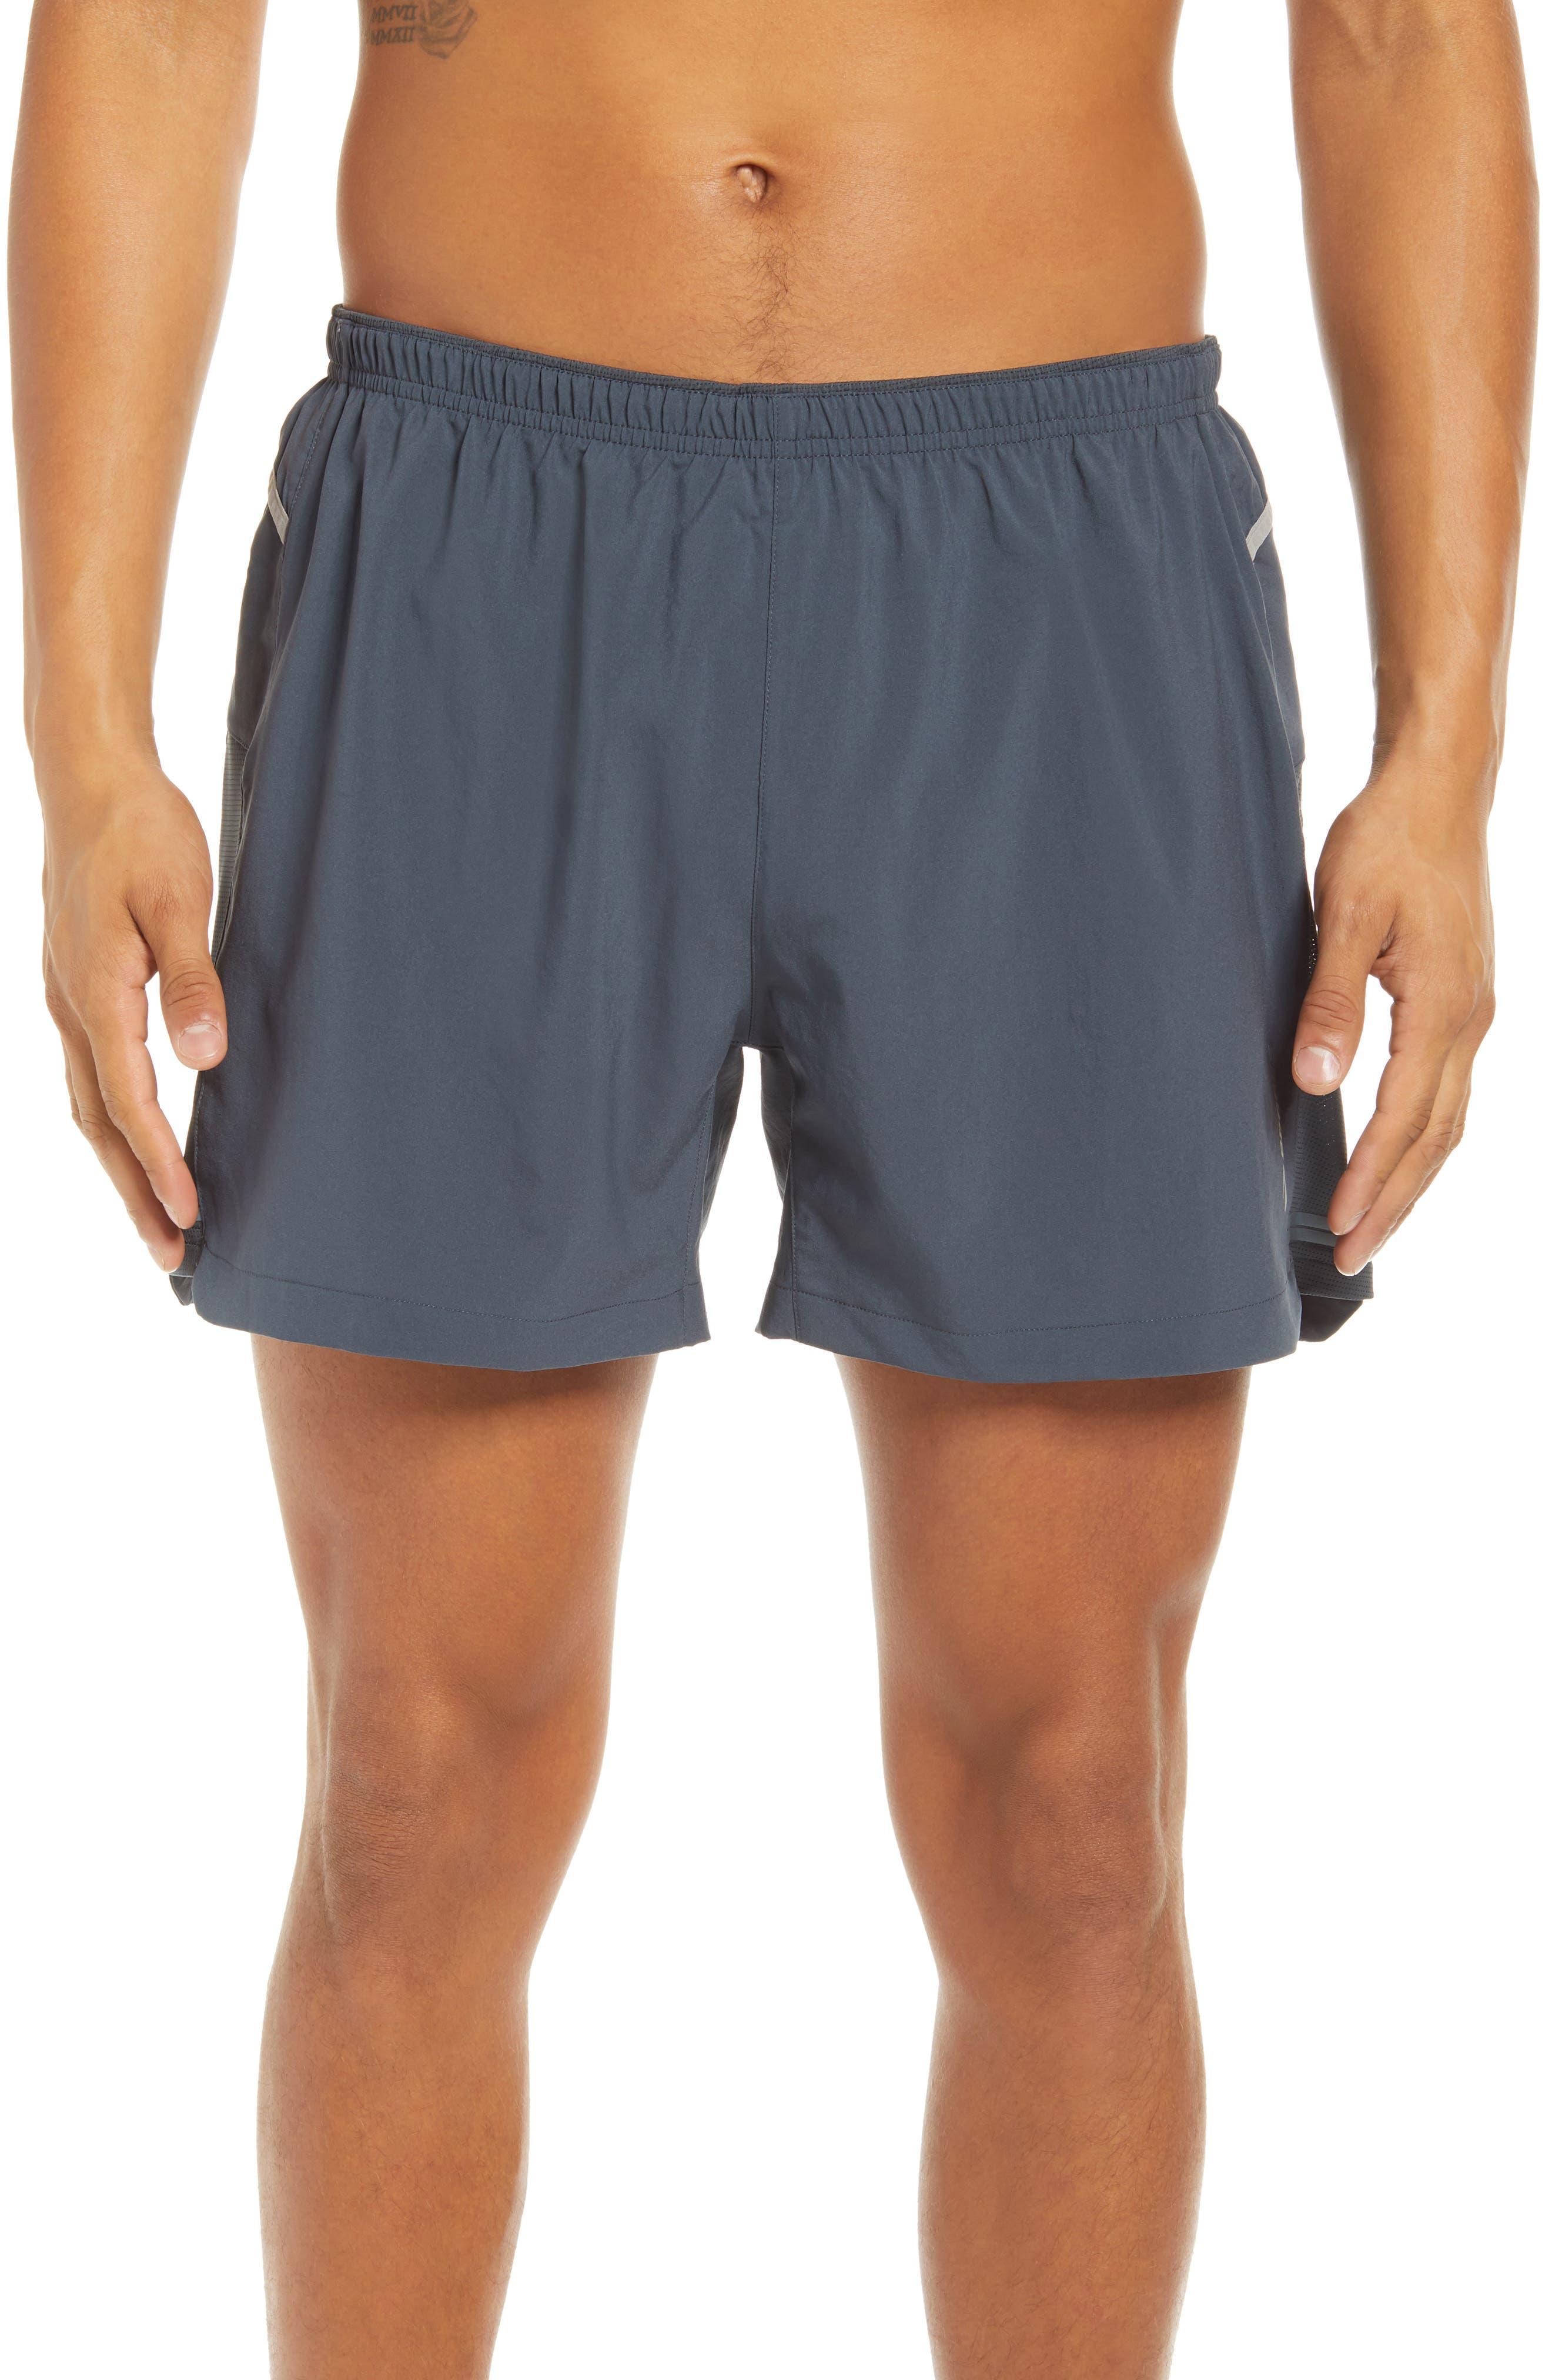 Men's Short (0